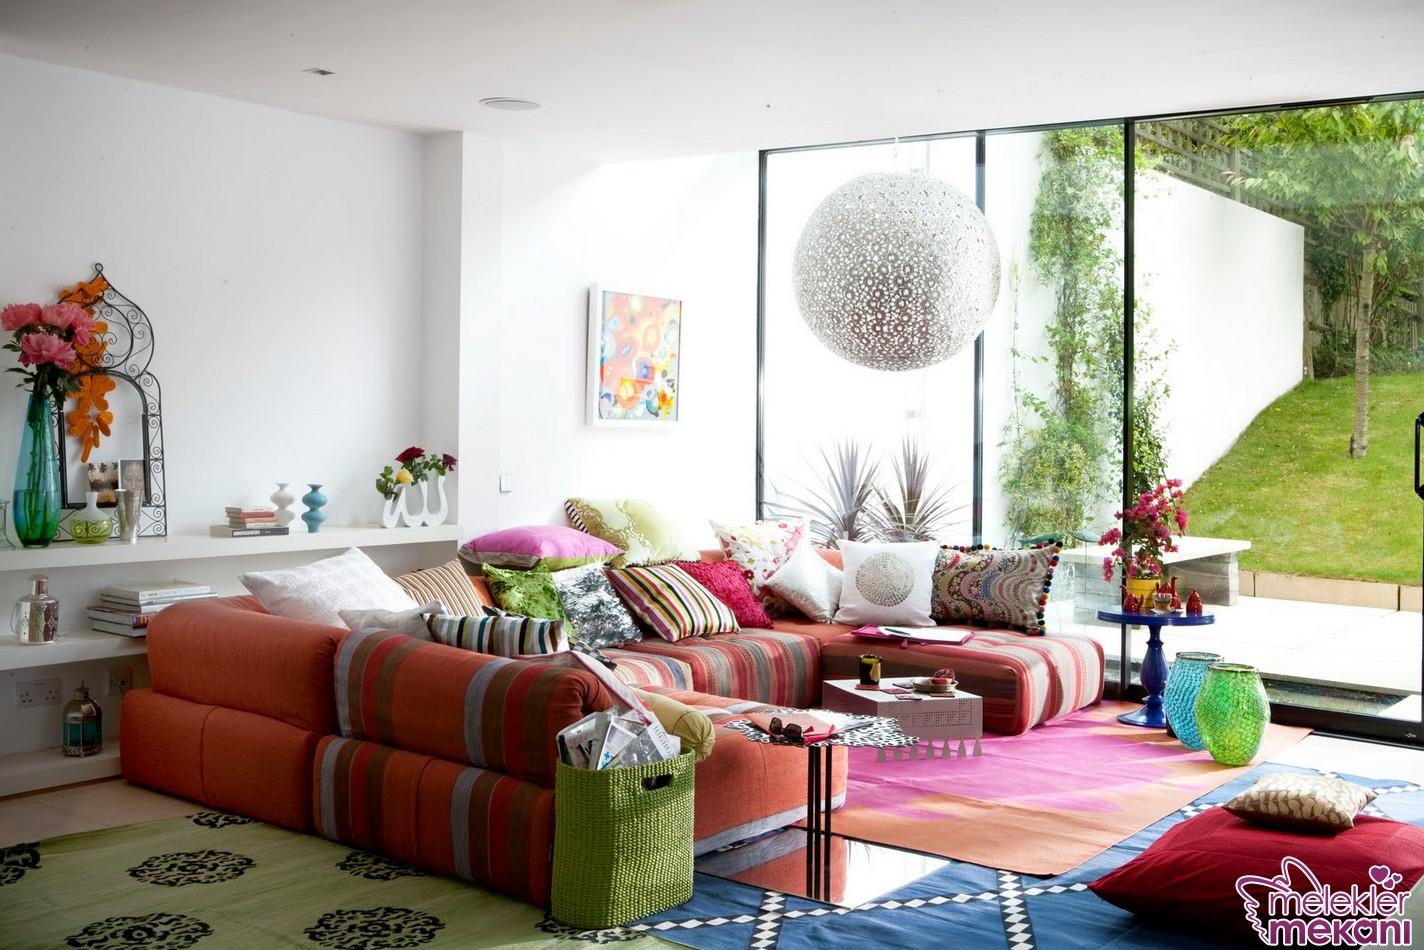 Farklı oda dekorasyonları için renkli kırlentlerden faydalanabilirsiniz.